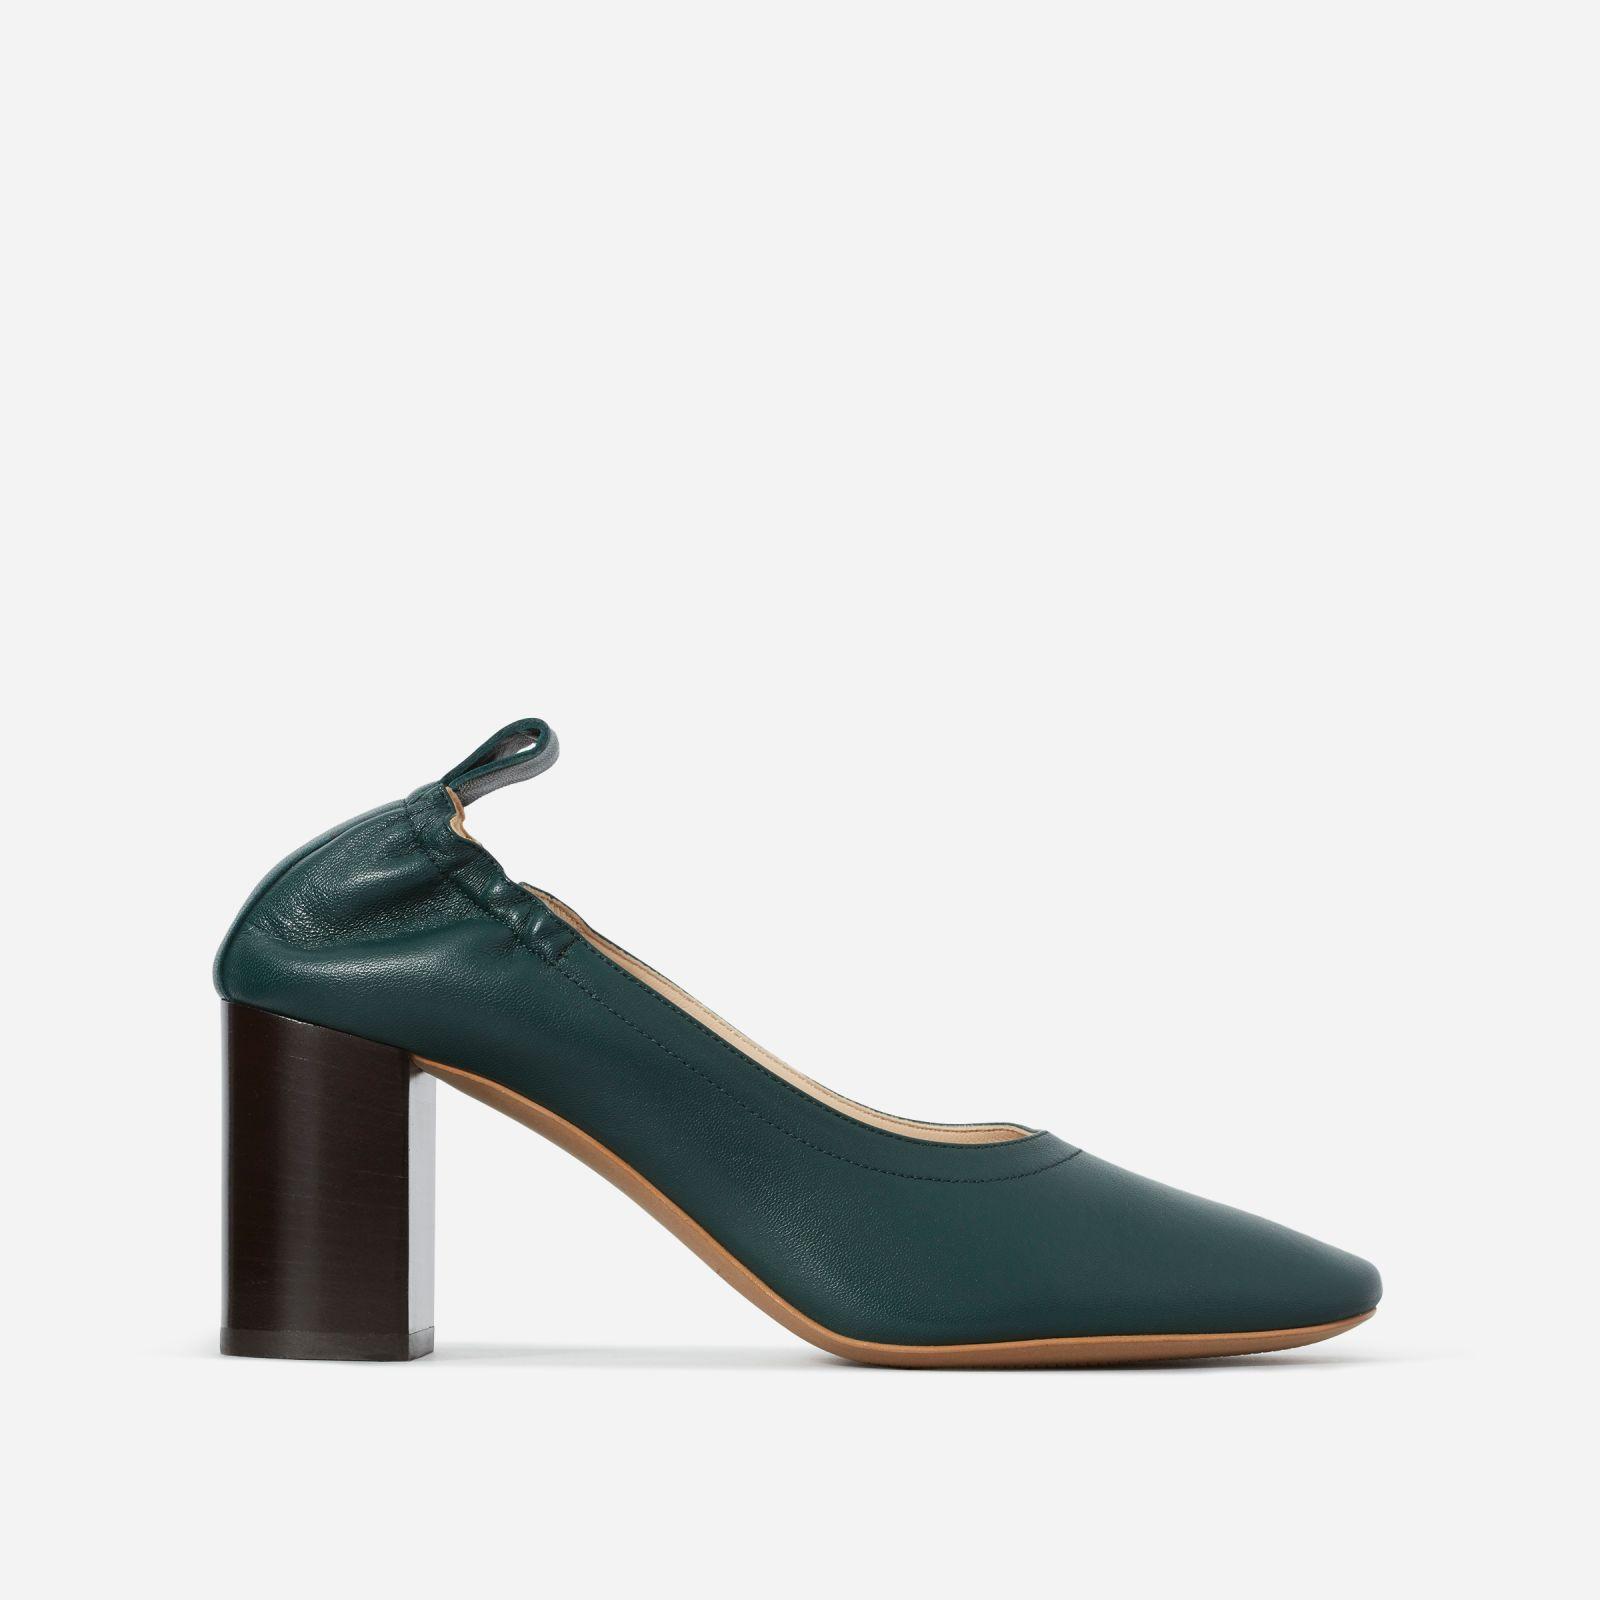 Women's Day High Heel